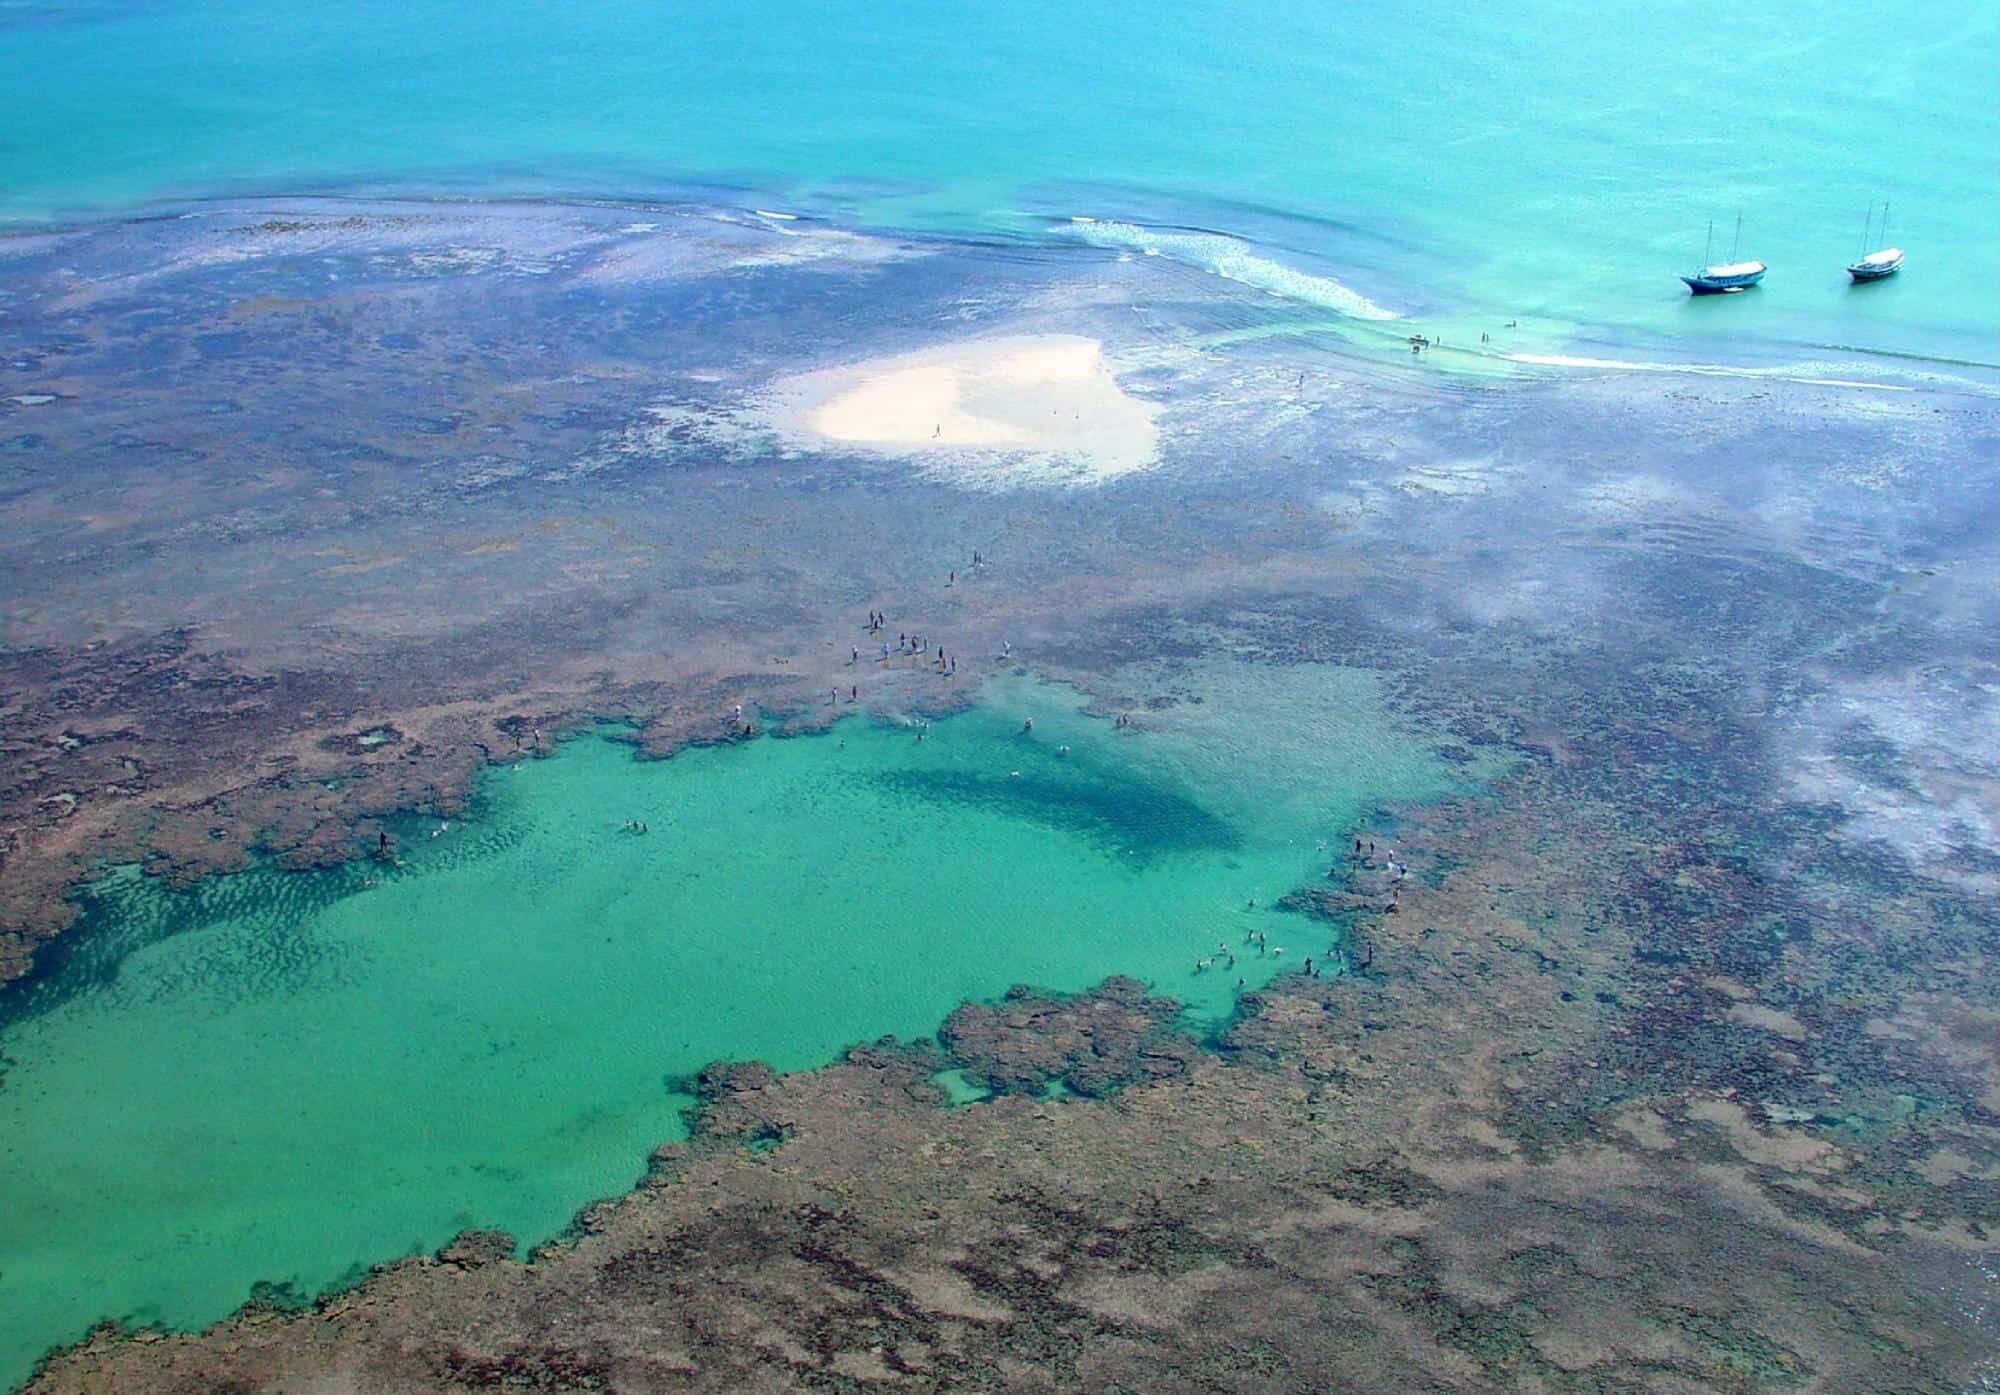 O Parque Marinho de Recife de Fora possui mais de 17 mil metros quadrados de corais e mais de 18 espécie deles. Foto: Quanto Custa Viajar